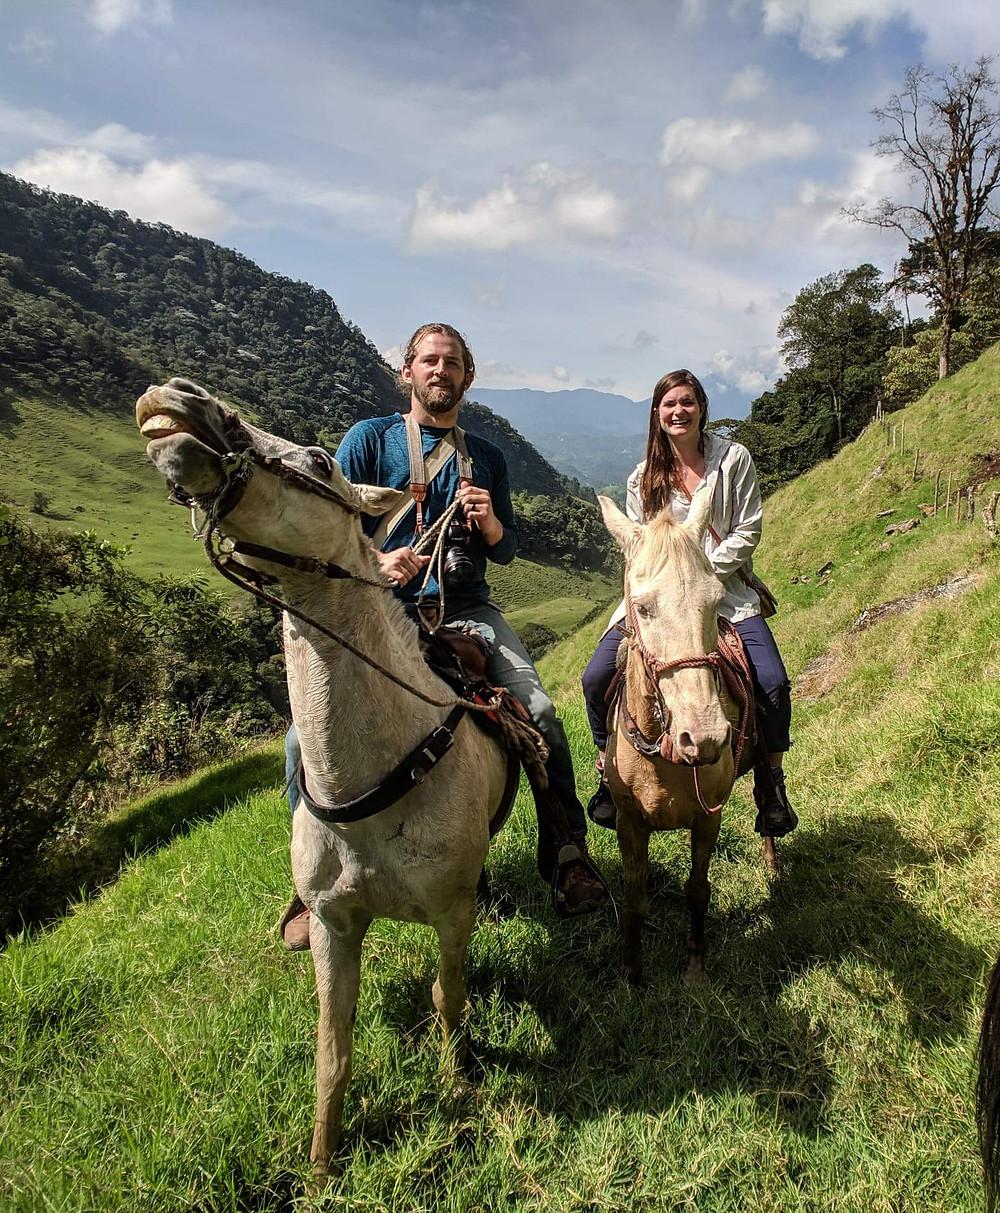 Horseback riding in Jardin, Colombia.